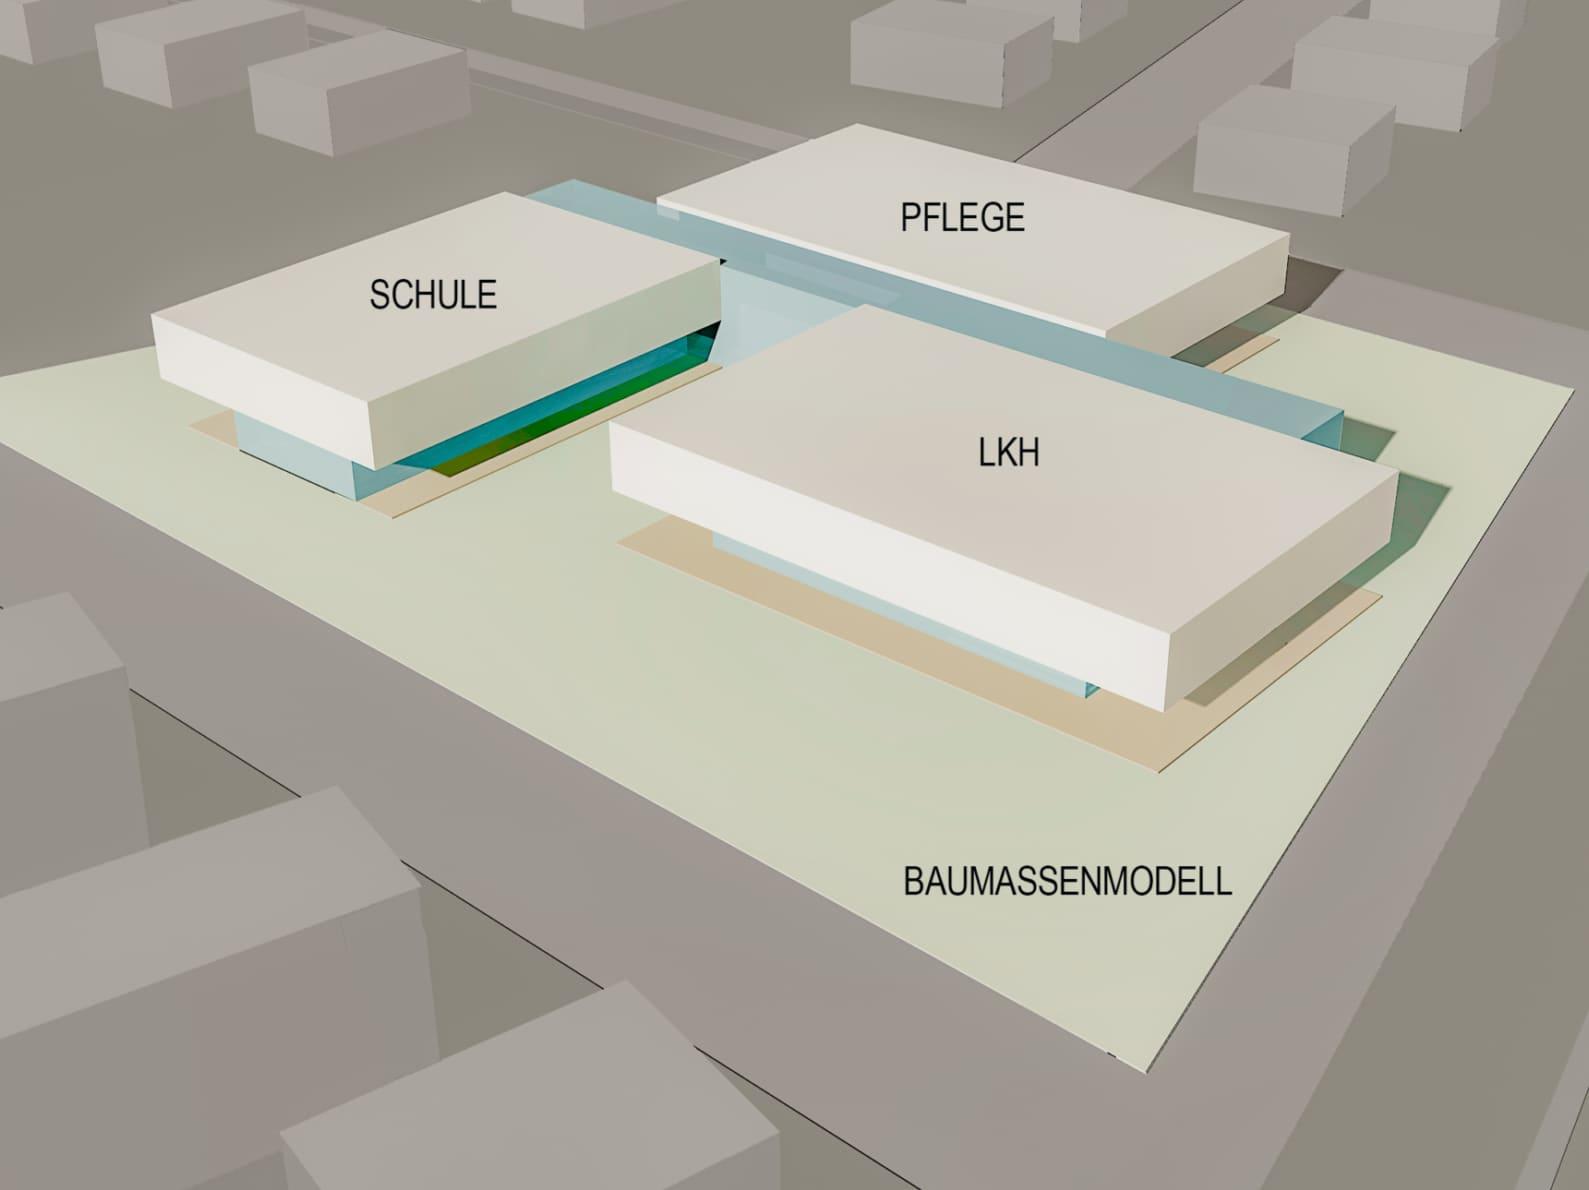 therapiezentrum, perchtoldsdorf, architekturwettbewerb, wohngruppen